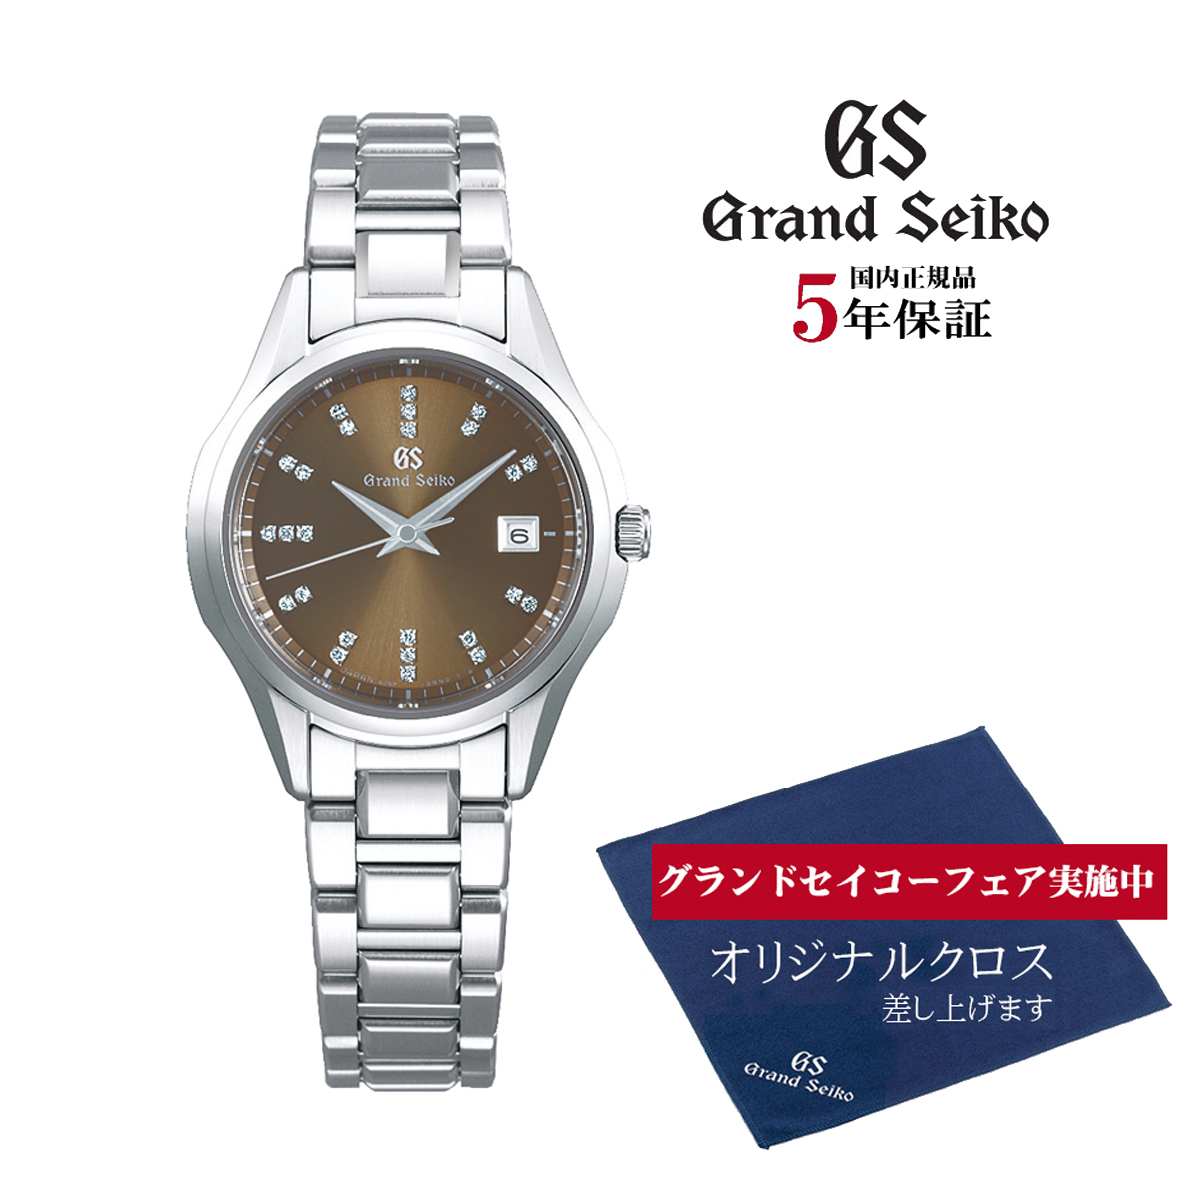 グランドセイコー Grand Seiko 正規メーカー保証3年 STGF327 クォーツモデル 正規品 腕時計